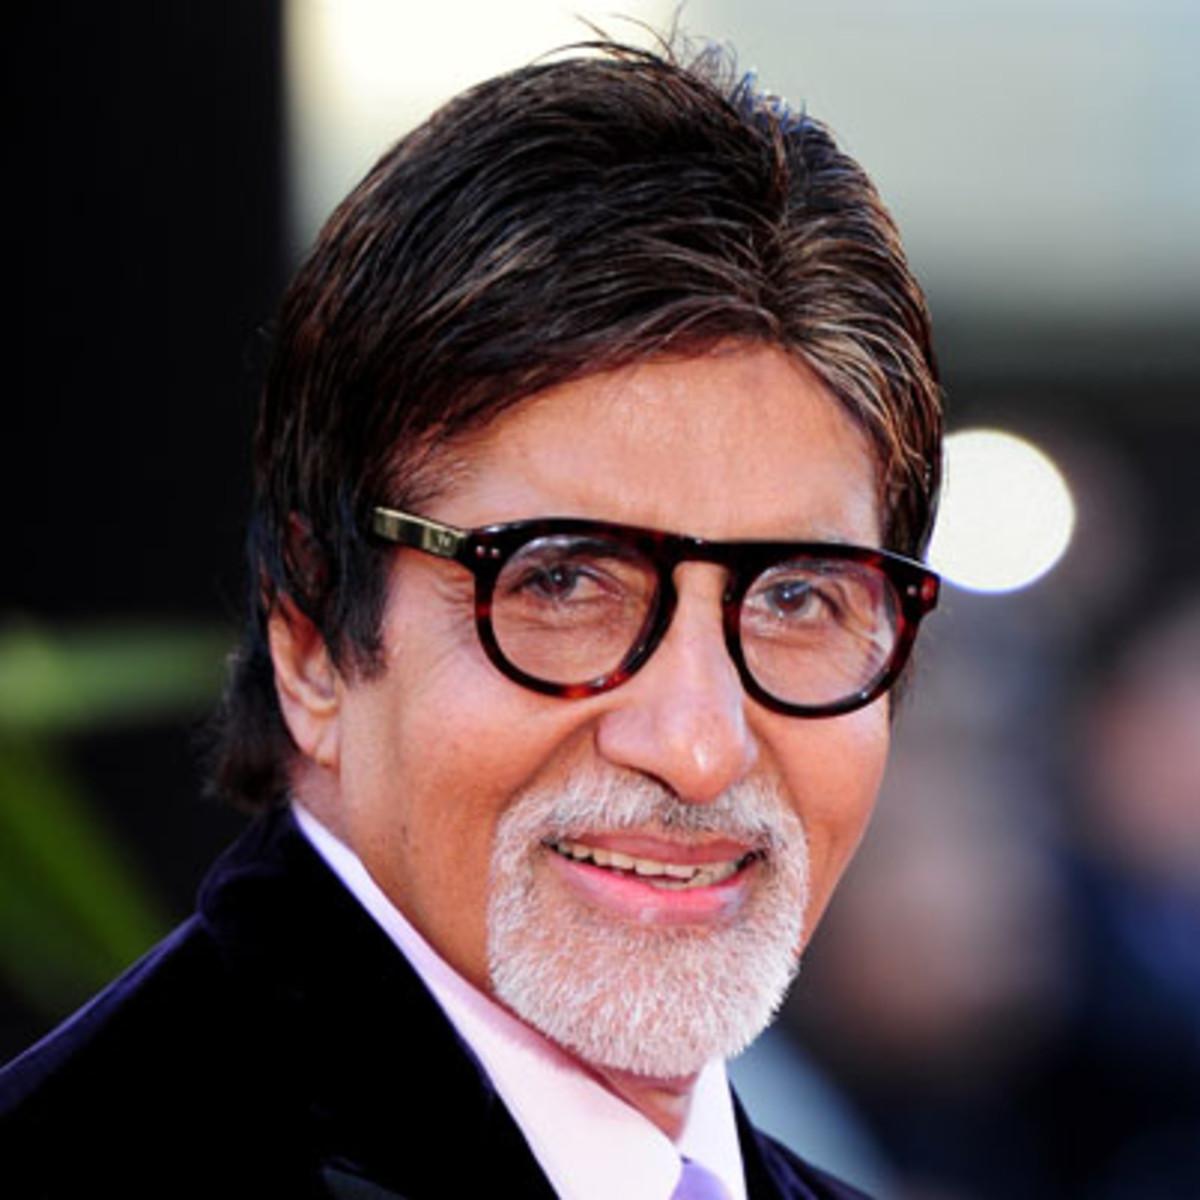 वैजयंती मूवीज ने खुलासा किया कि अविश्वसनीय बॉलीवुड मनोरंजन अमिताभ बच्चन प्रभास-दीपिका पादुकोण की फिल्म की स्टार कास्ट में शामिल होंगे।